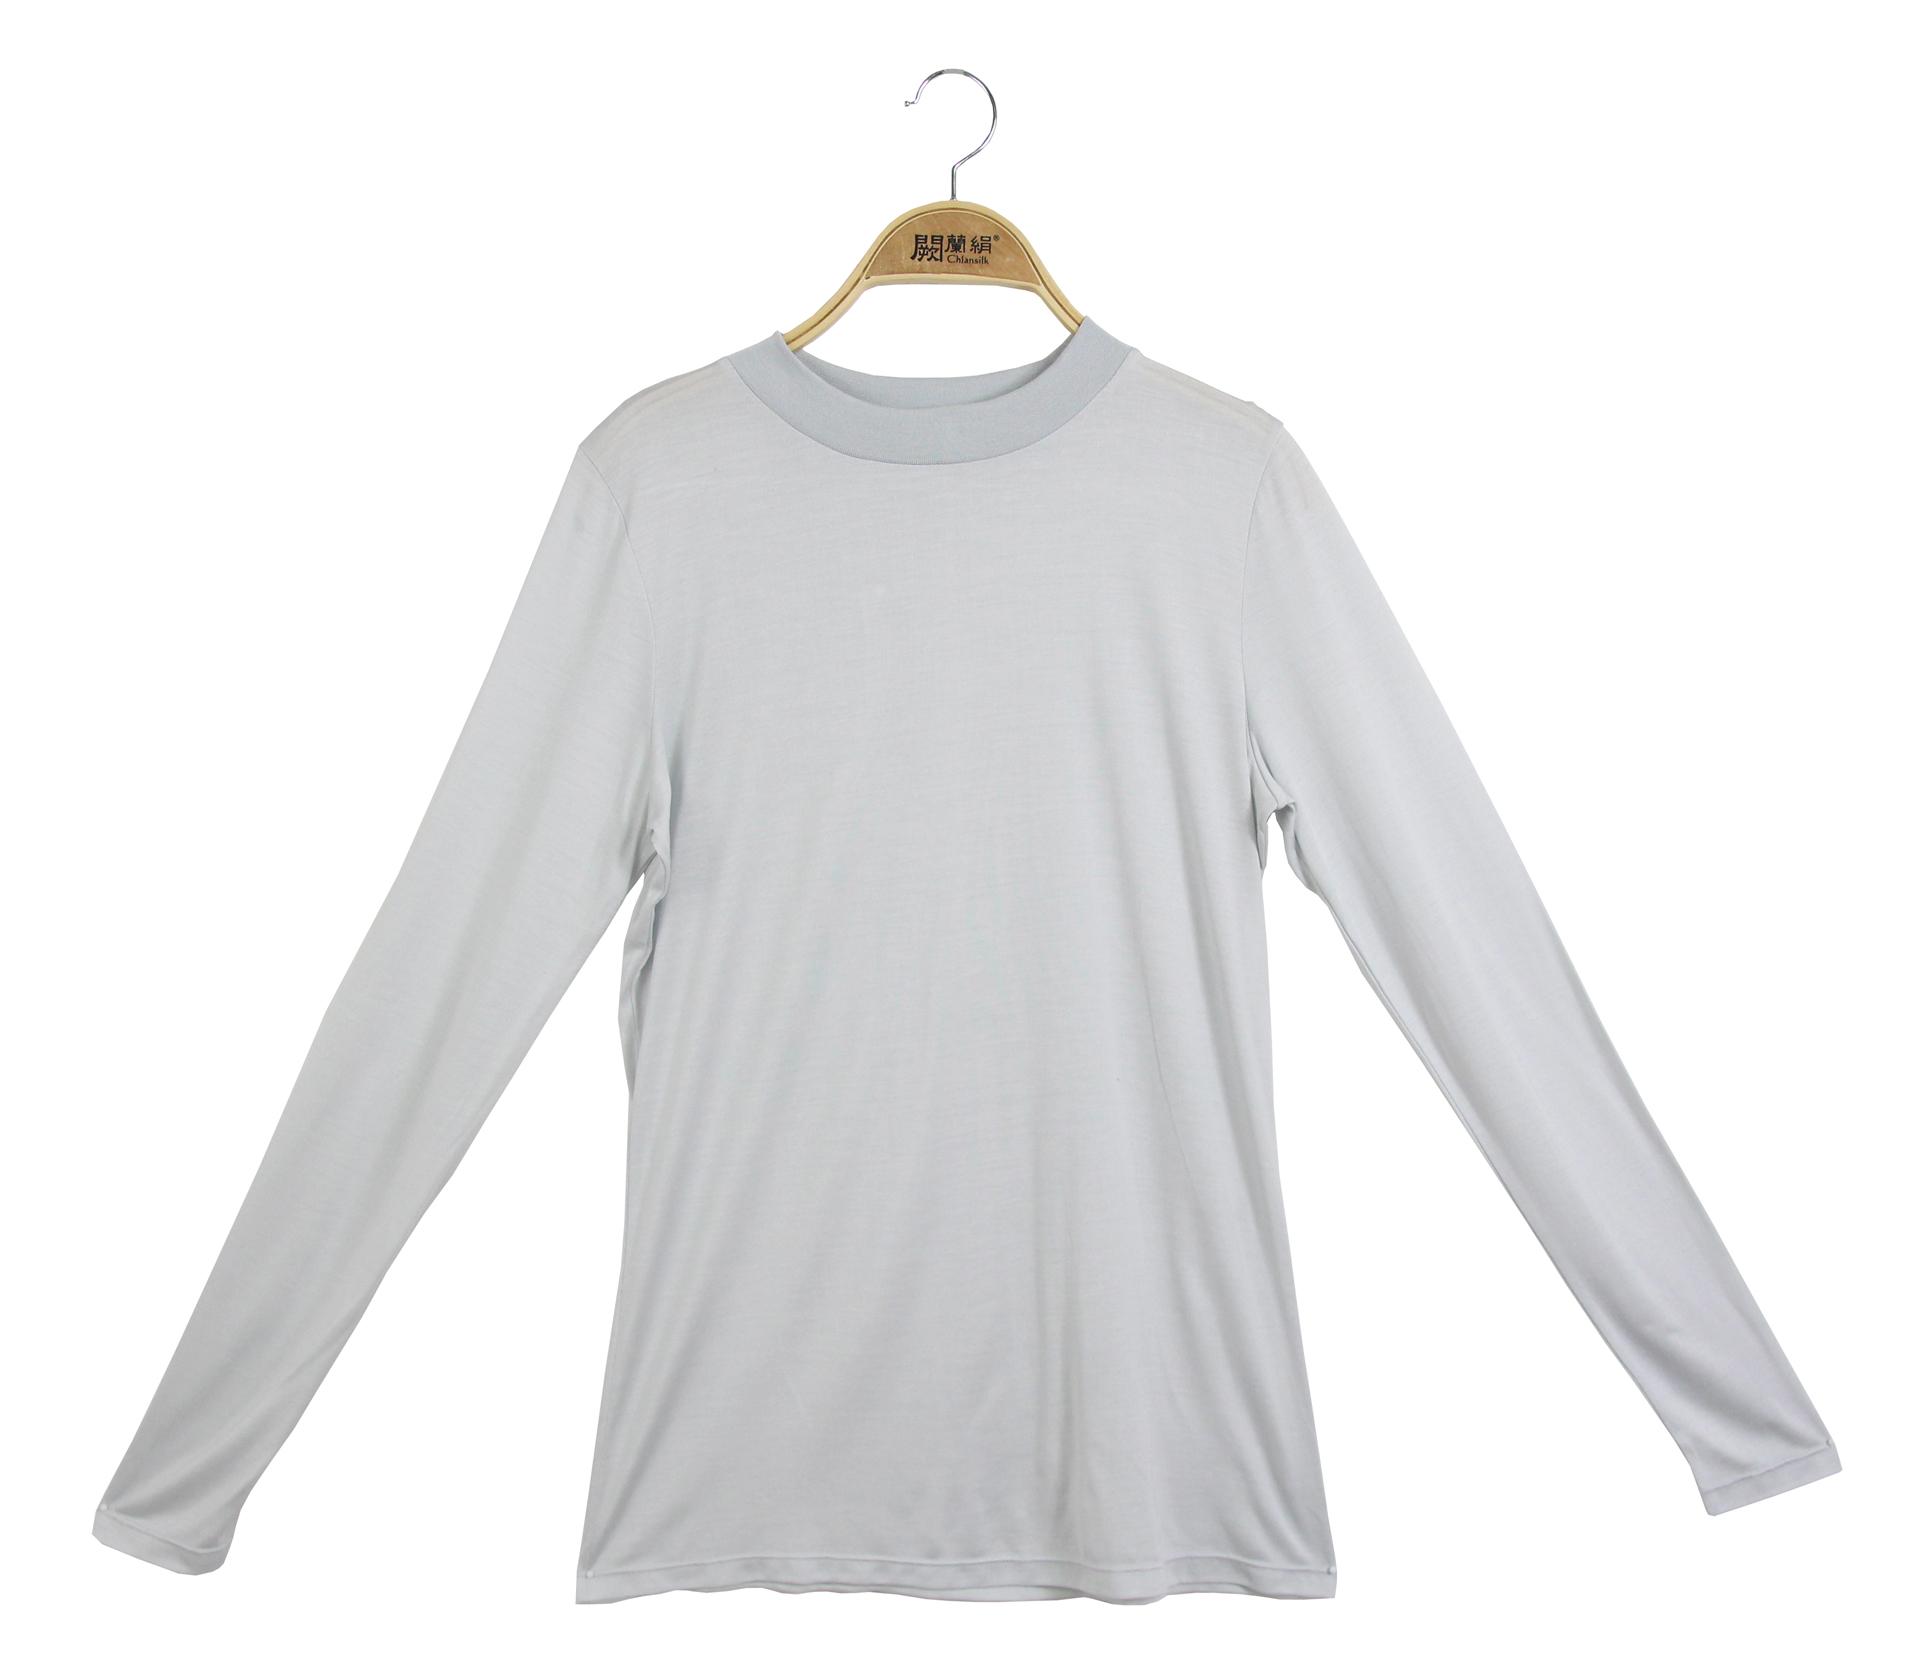 闕蘭絹素面長袖100%蠶絲立領衛生衣-灰色-9925